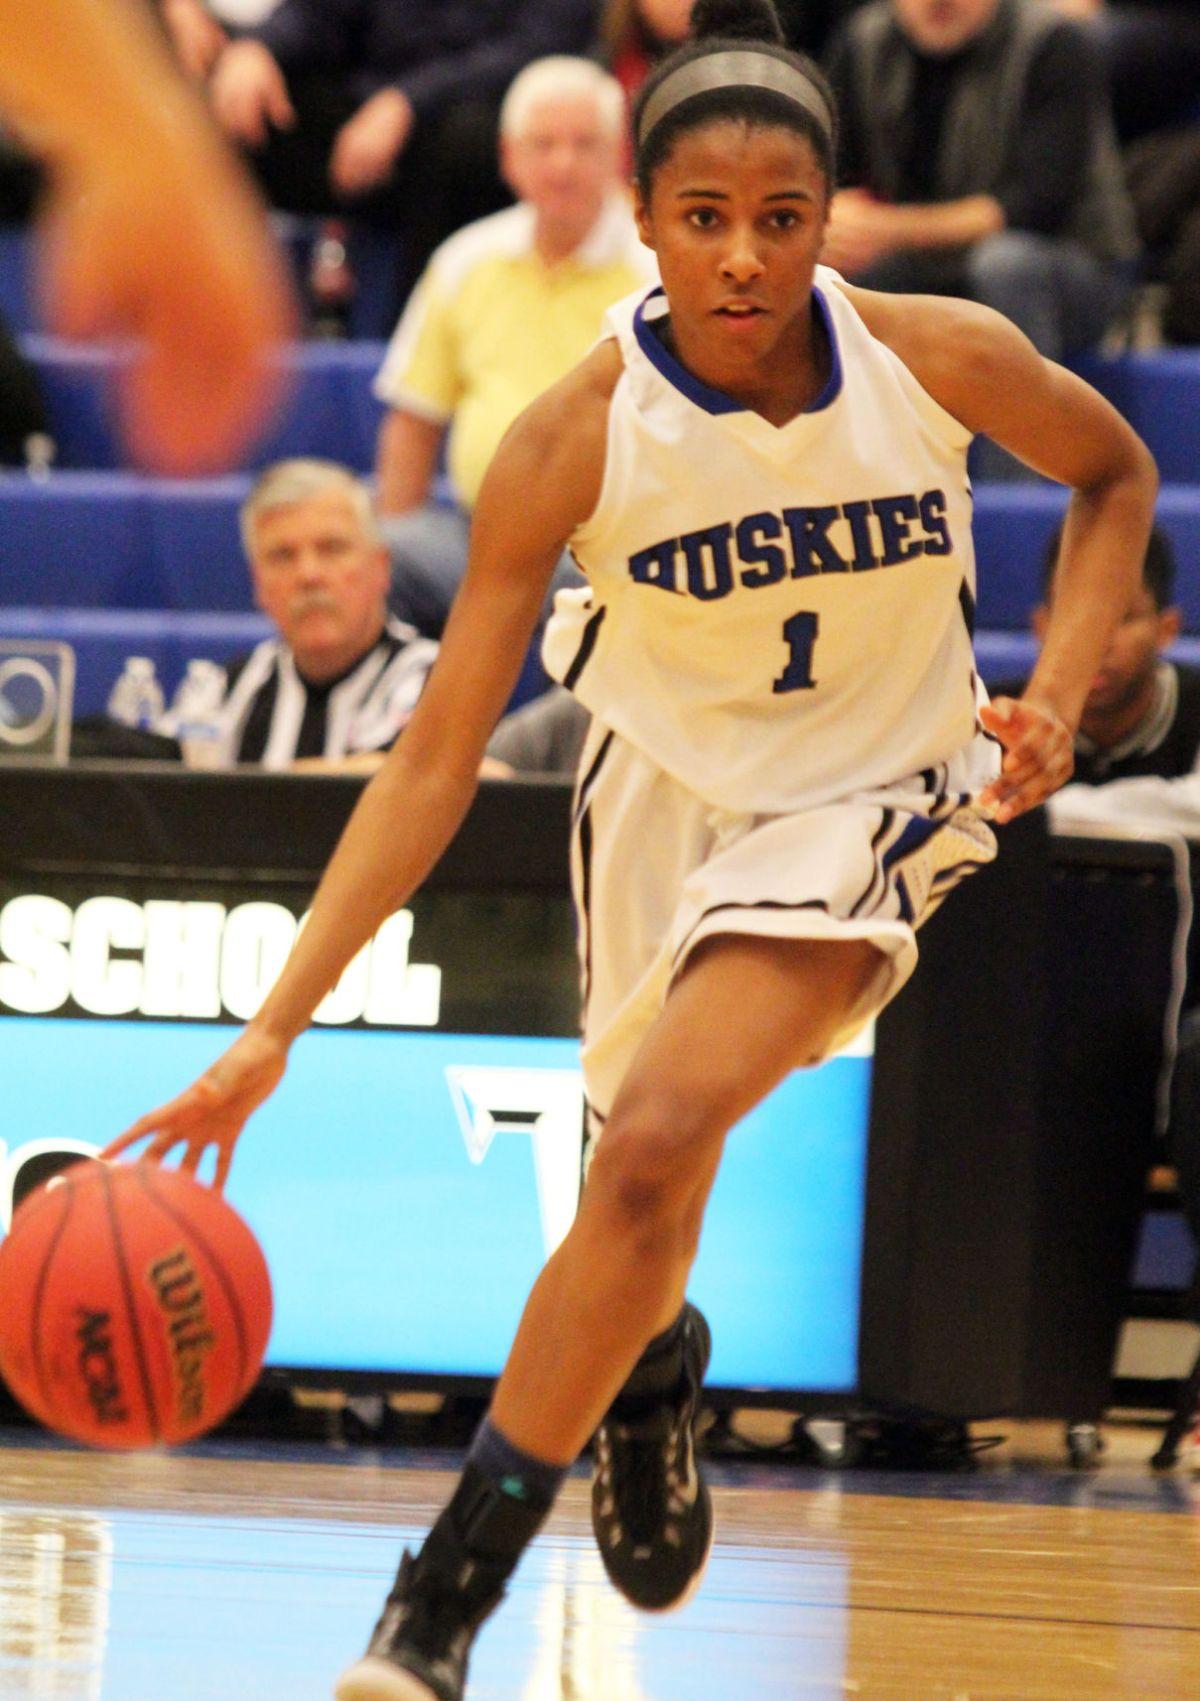 Leesburg Tuscarora Basketball